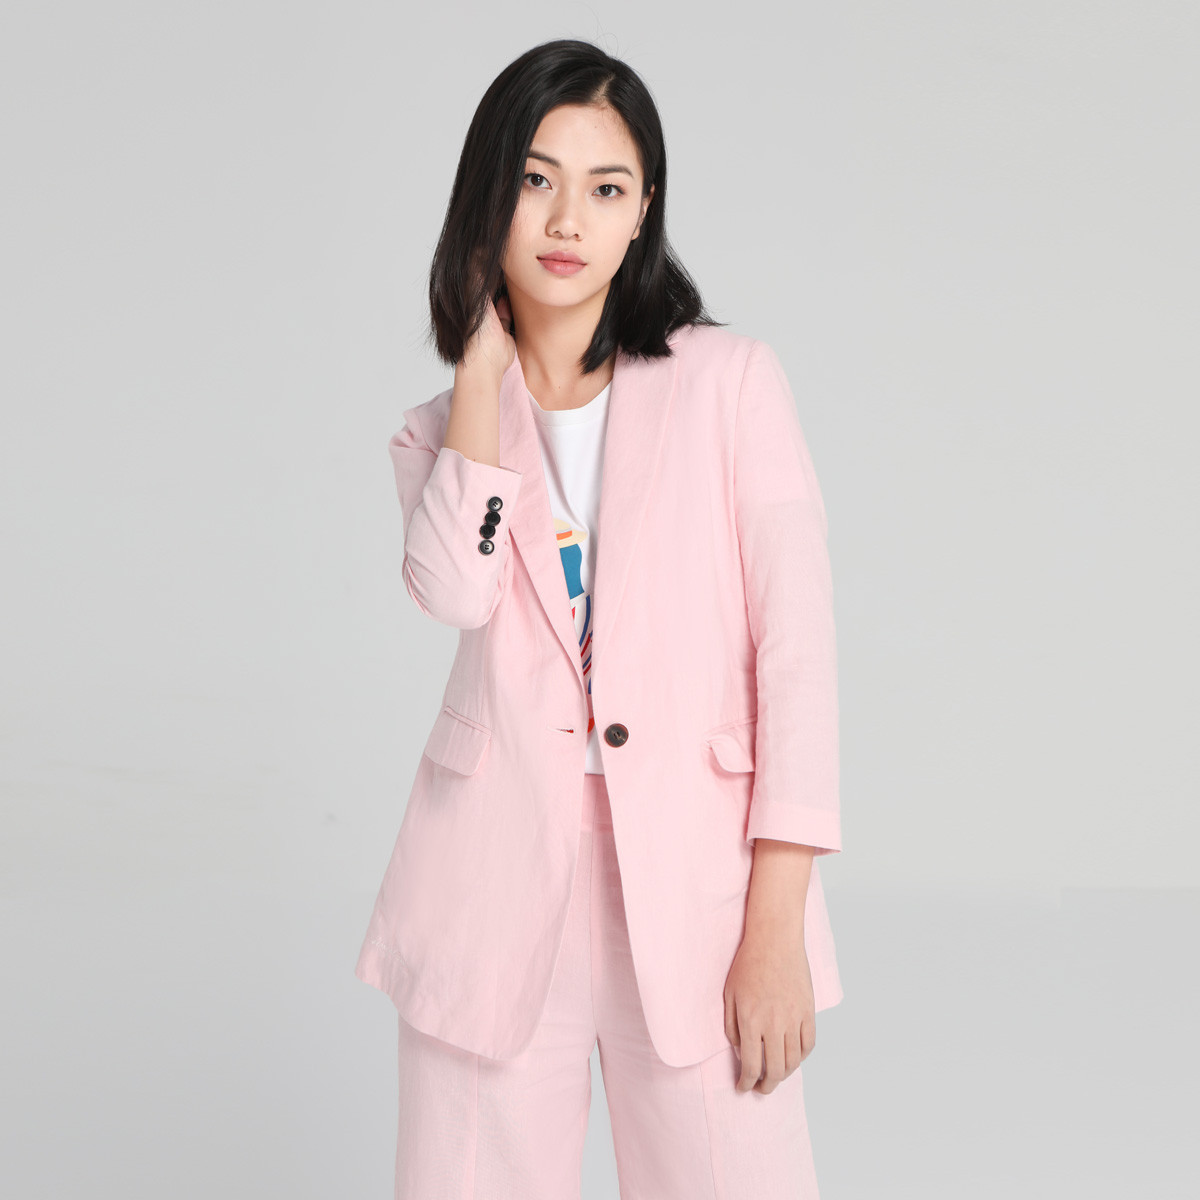 有兰URLAZH有兰2020春夏新款时尚粉色棉麻小西服修身西装气质外套上衣HI2JA073C